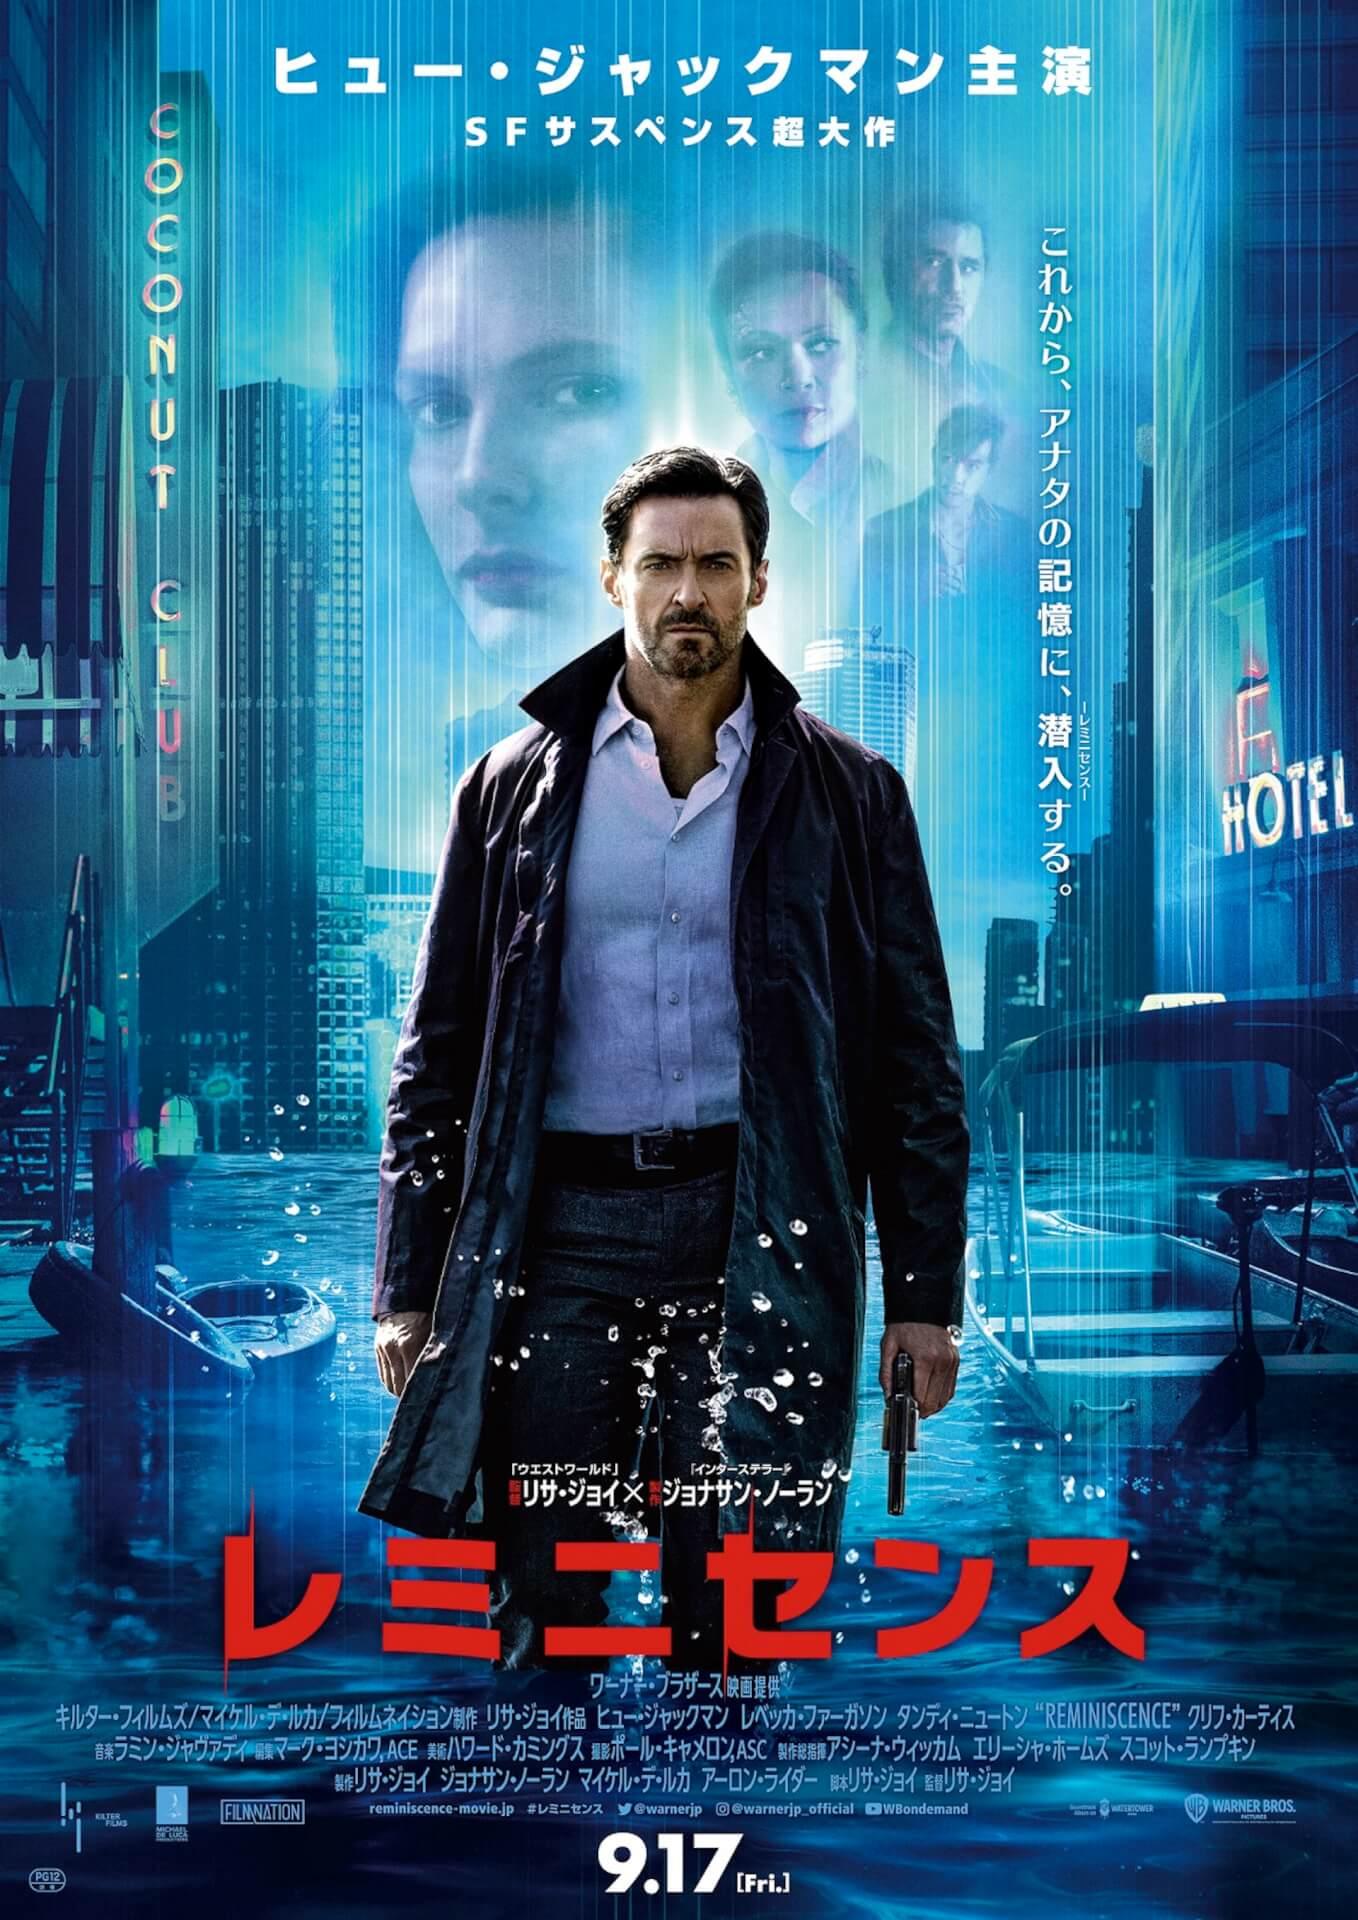 ジョナサン・ノーラン製作×ヒュー・ジャックマン主演の『レミニセンス』日本公開が9月に決定!日本版特報も公開 film210709_reminiscence_main